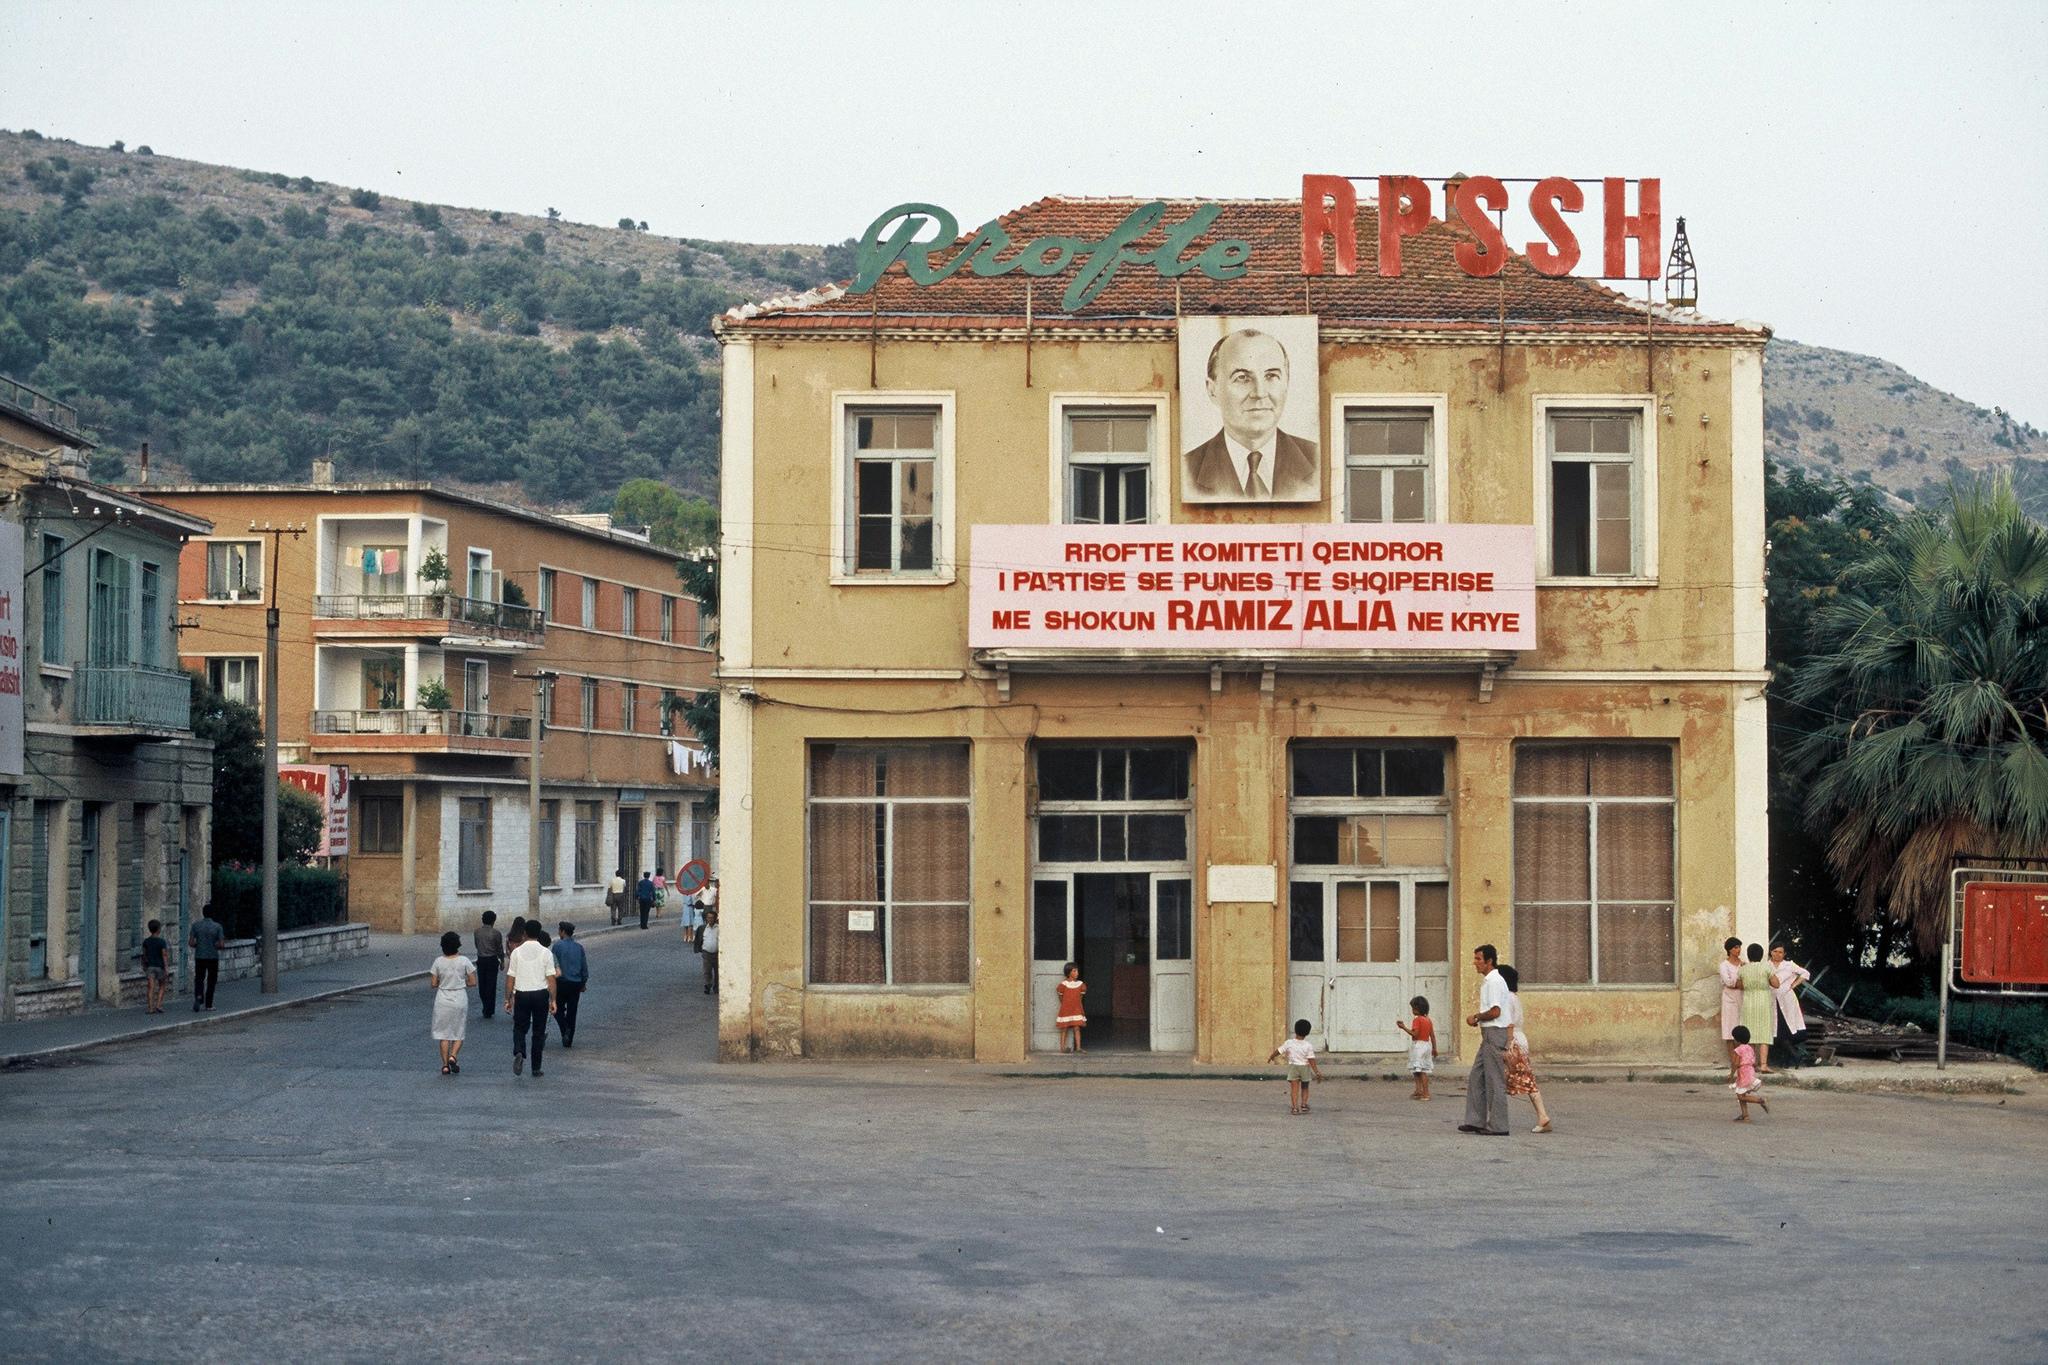 Албанские города в 1987 году выглядели просто стерильно, при полном отсутствии автотранспорта.